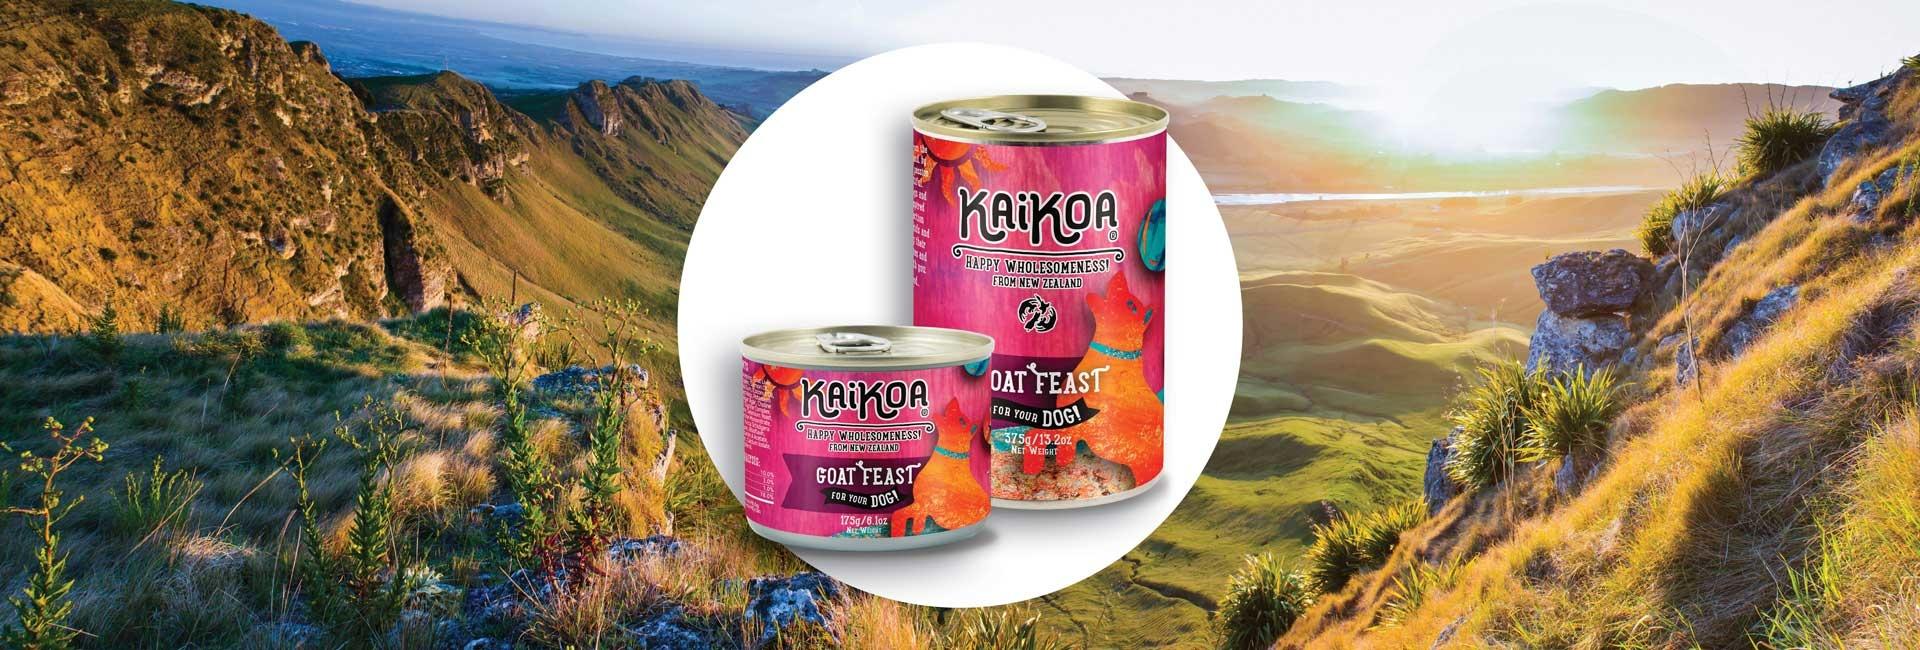 Kaikoa Dog Goat Feast Grain-Free Wet Dog Food